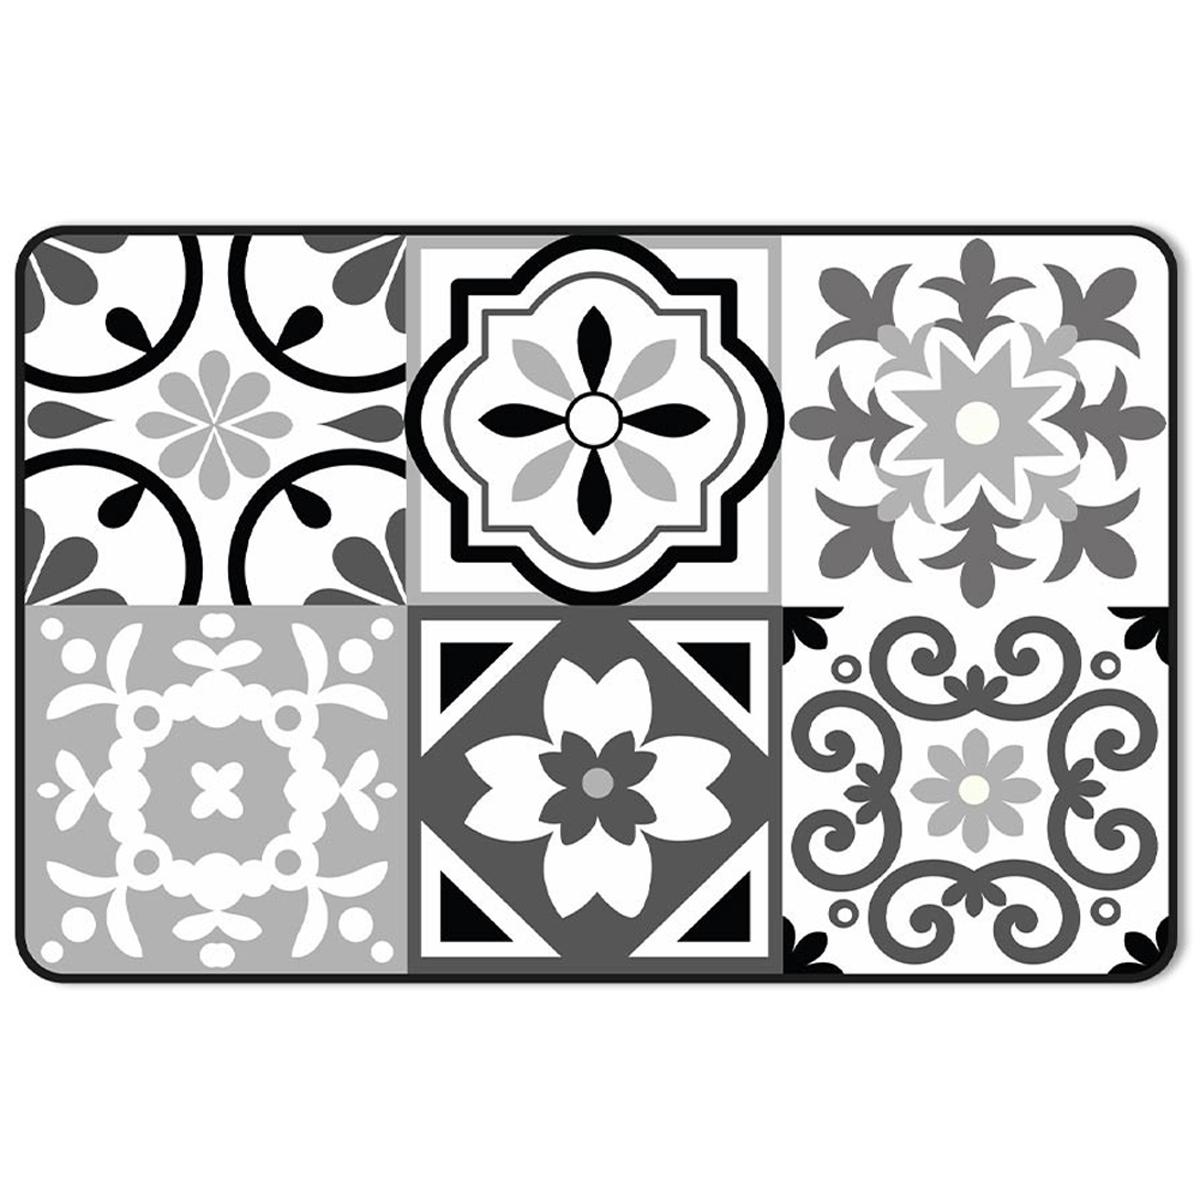 Set de table \'Carreaux de Ciment\' noir gris blanc - 43x28 cm - [A1903]